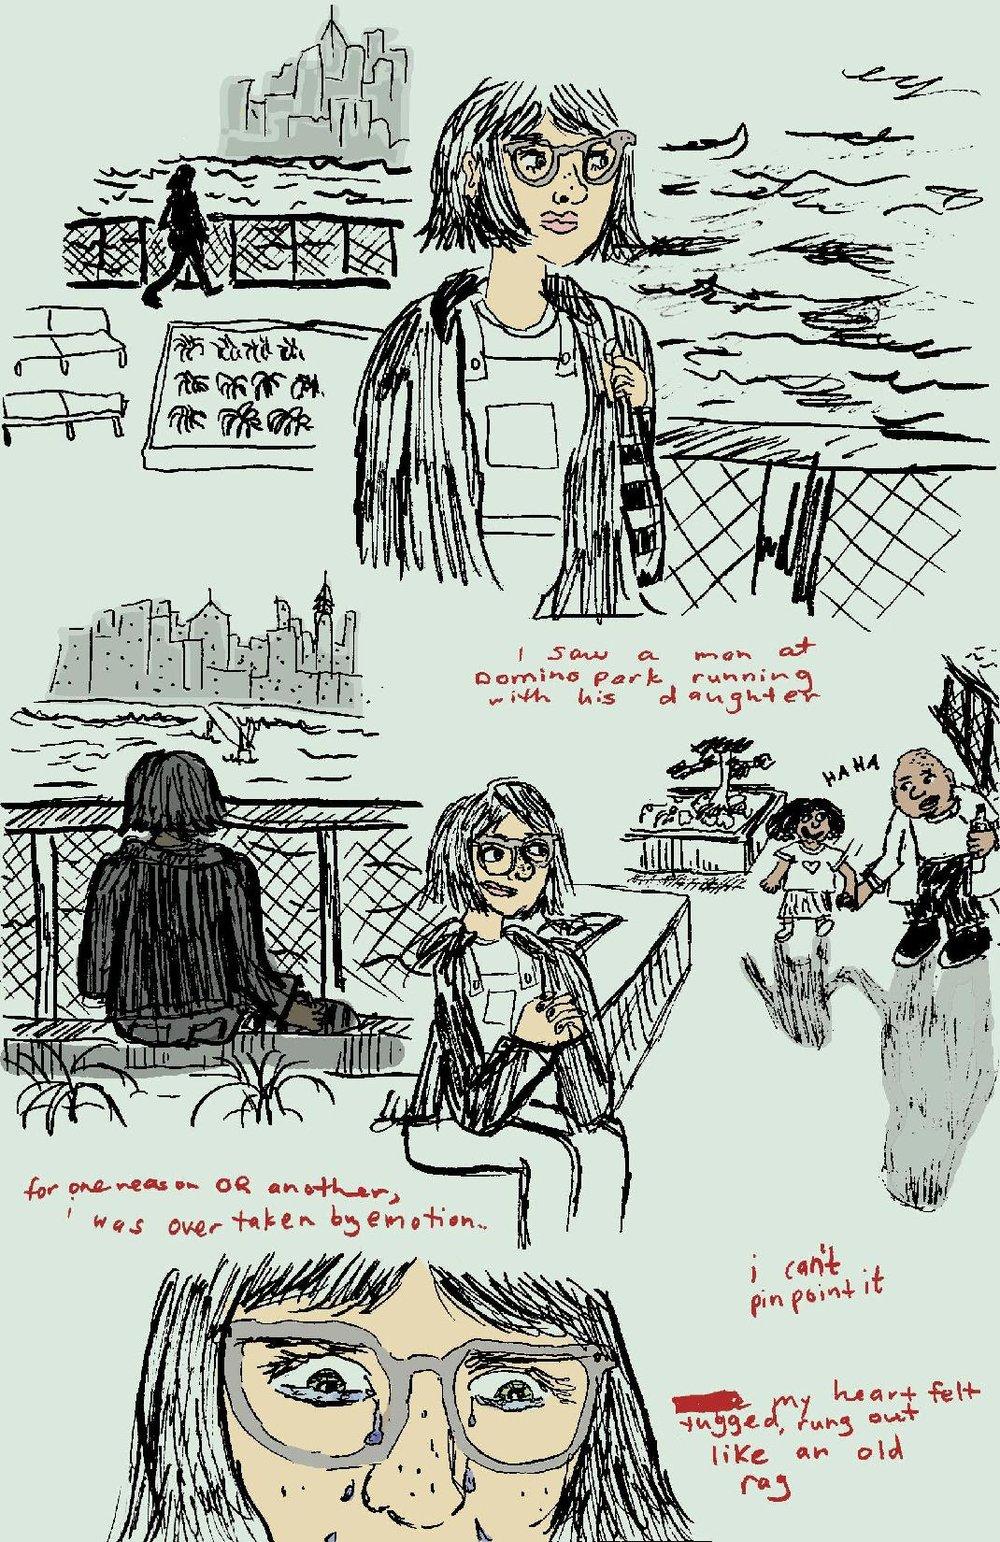 NY+Domino+Park-1-page-001.jpg